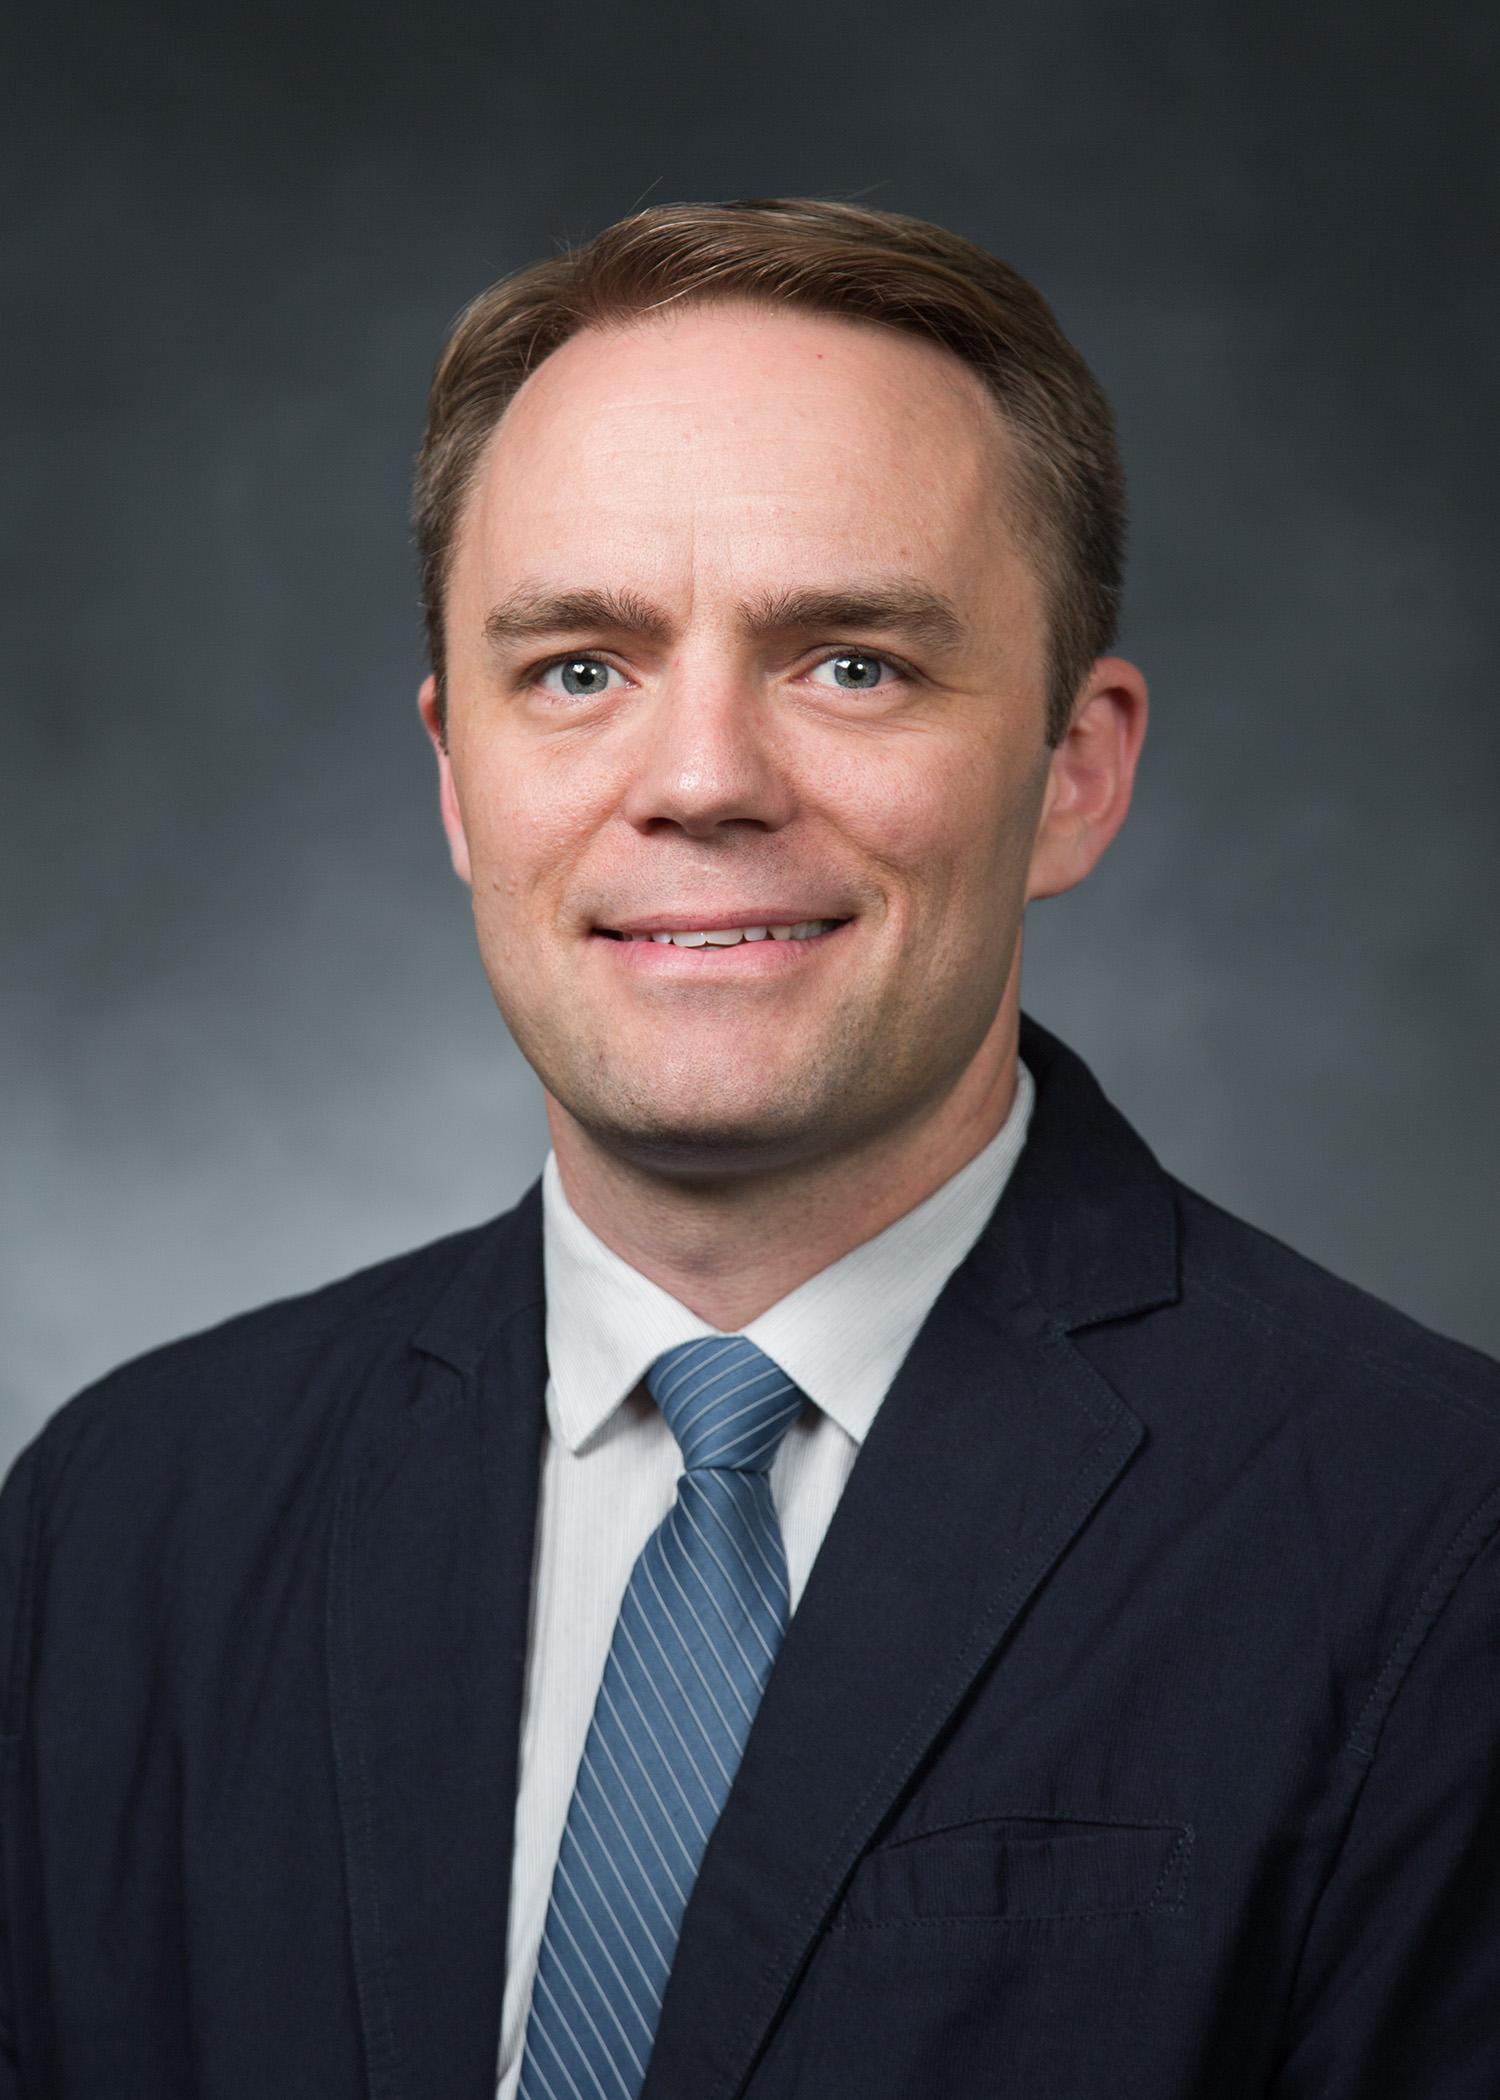 Mac J. Wilson